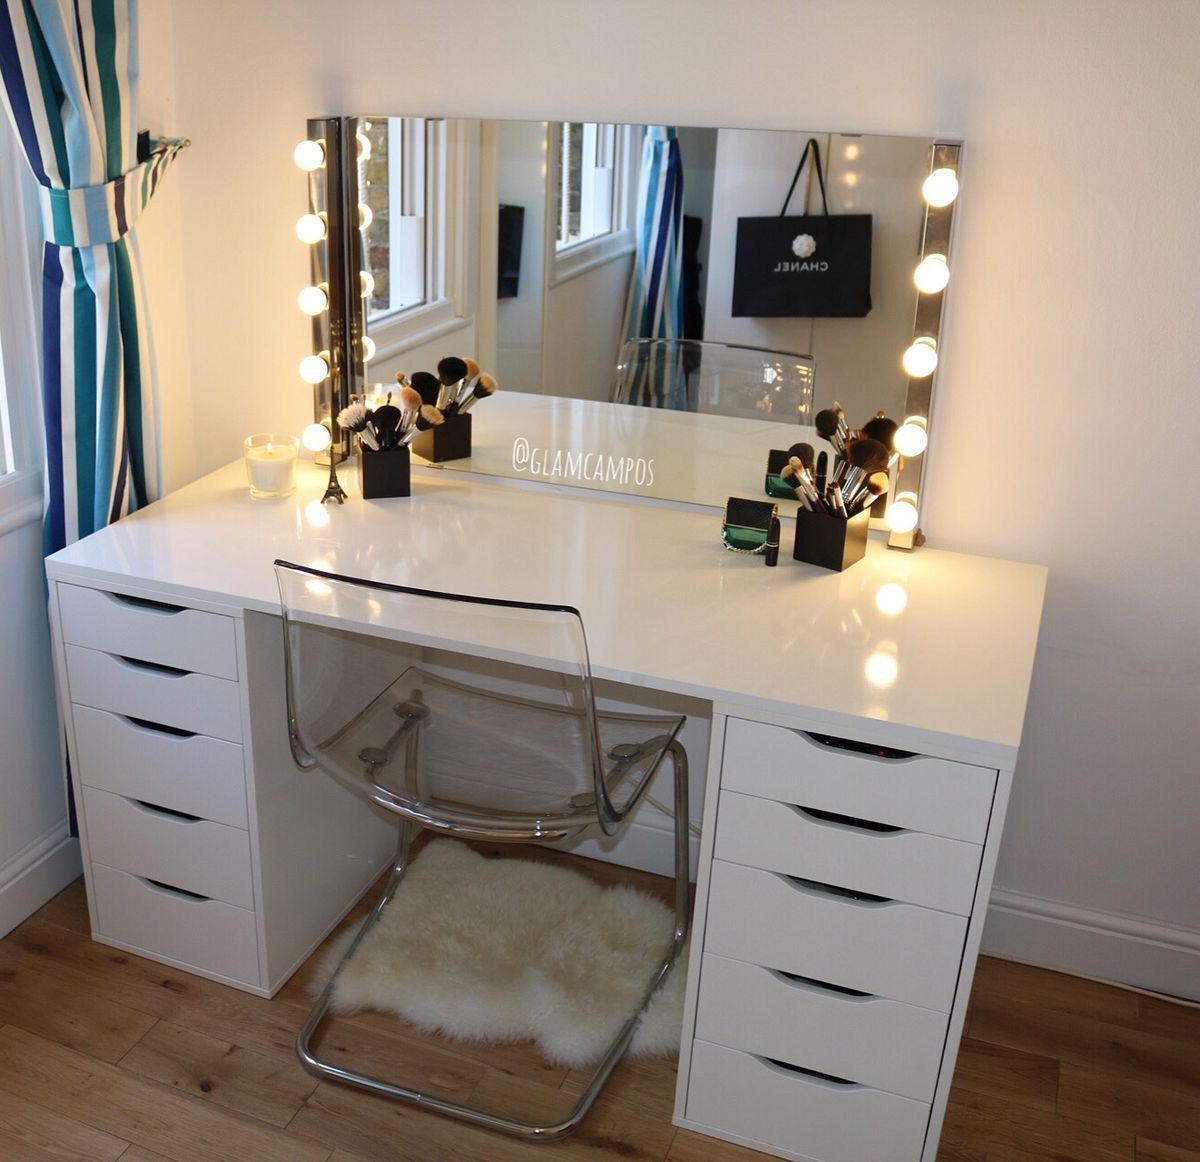 make_up vanity vanity_storage makeup_storage makeup